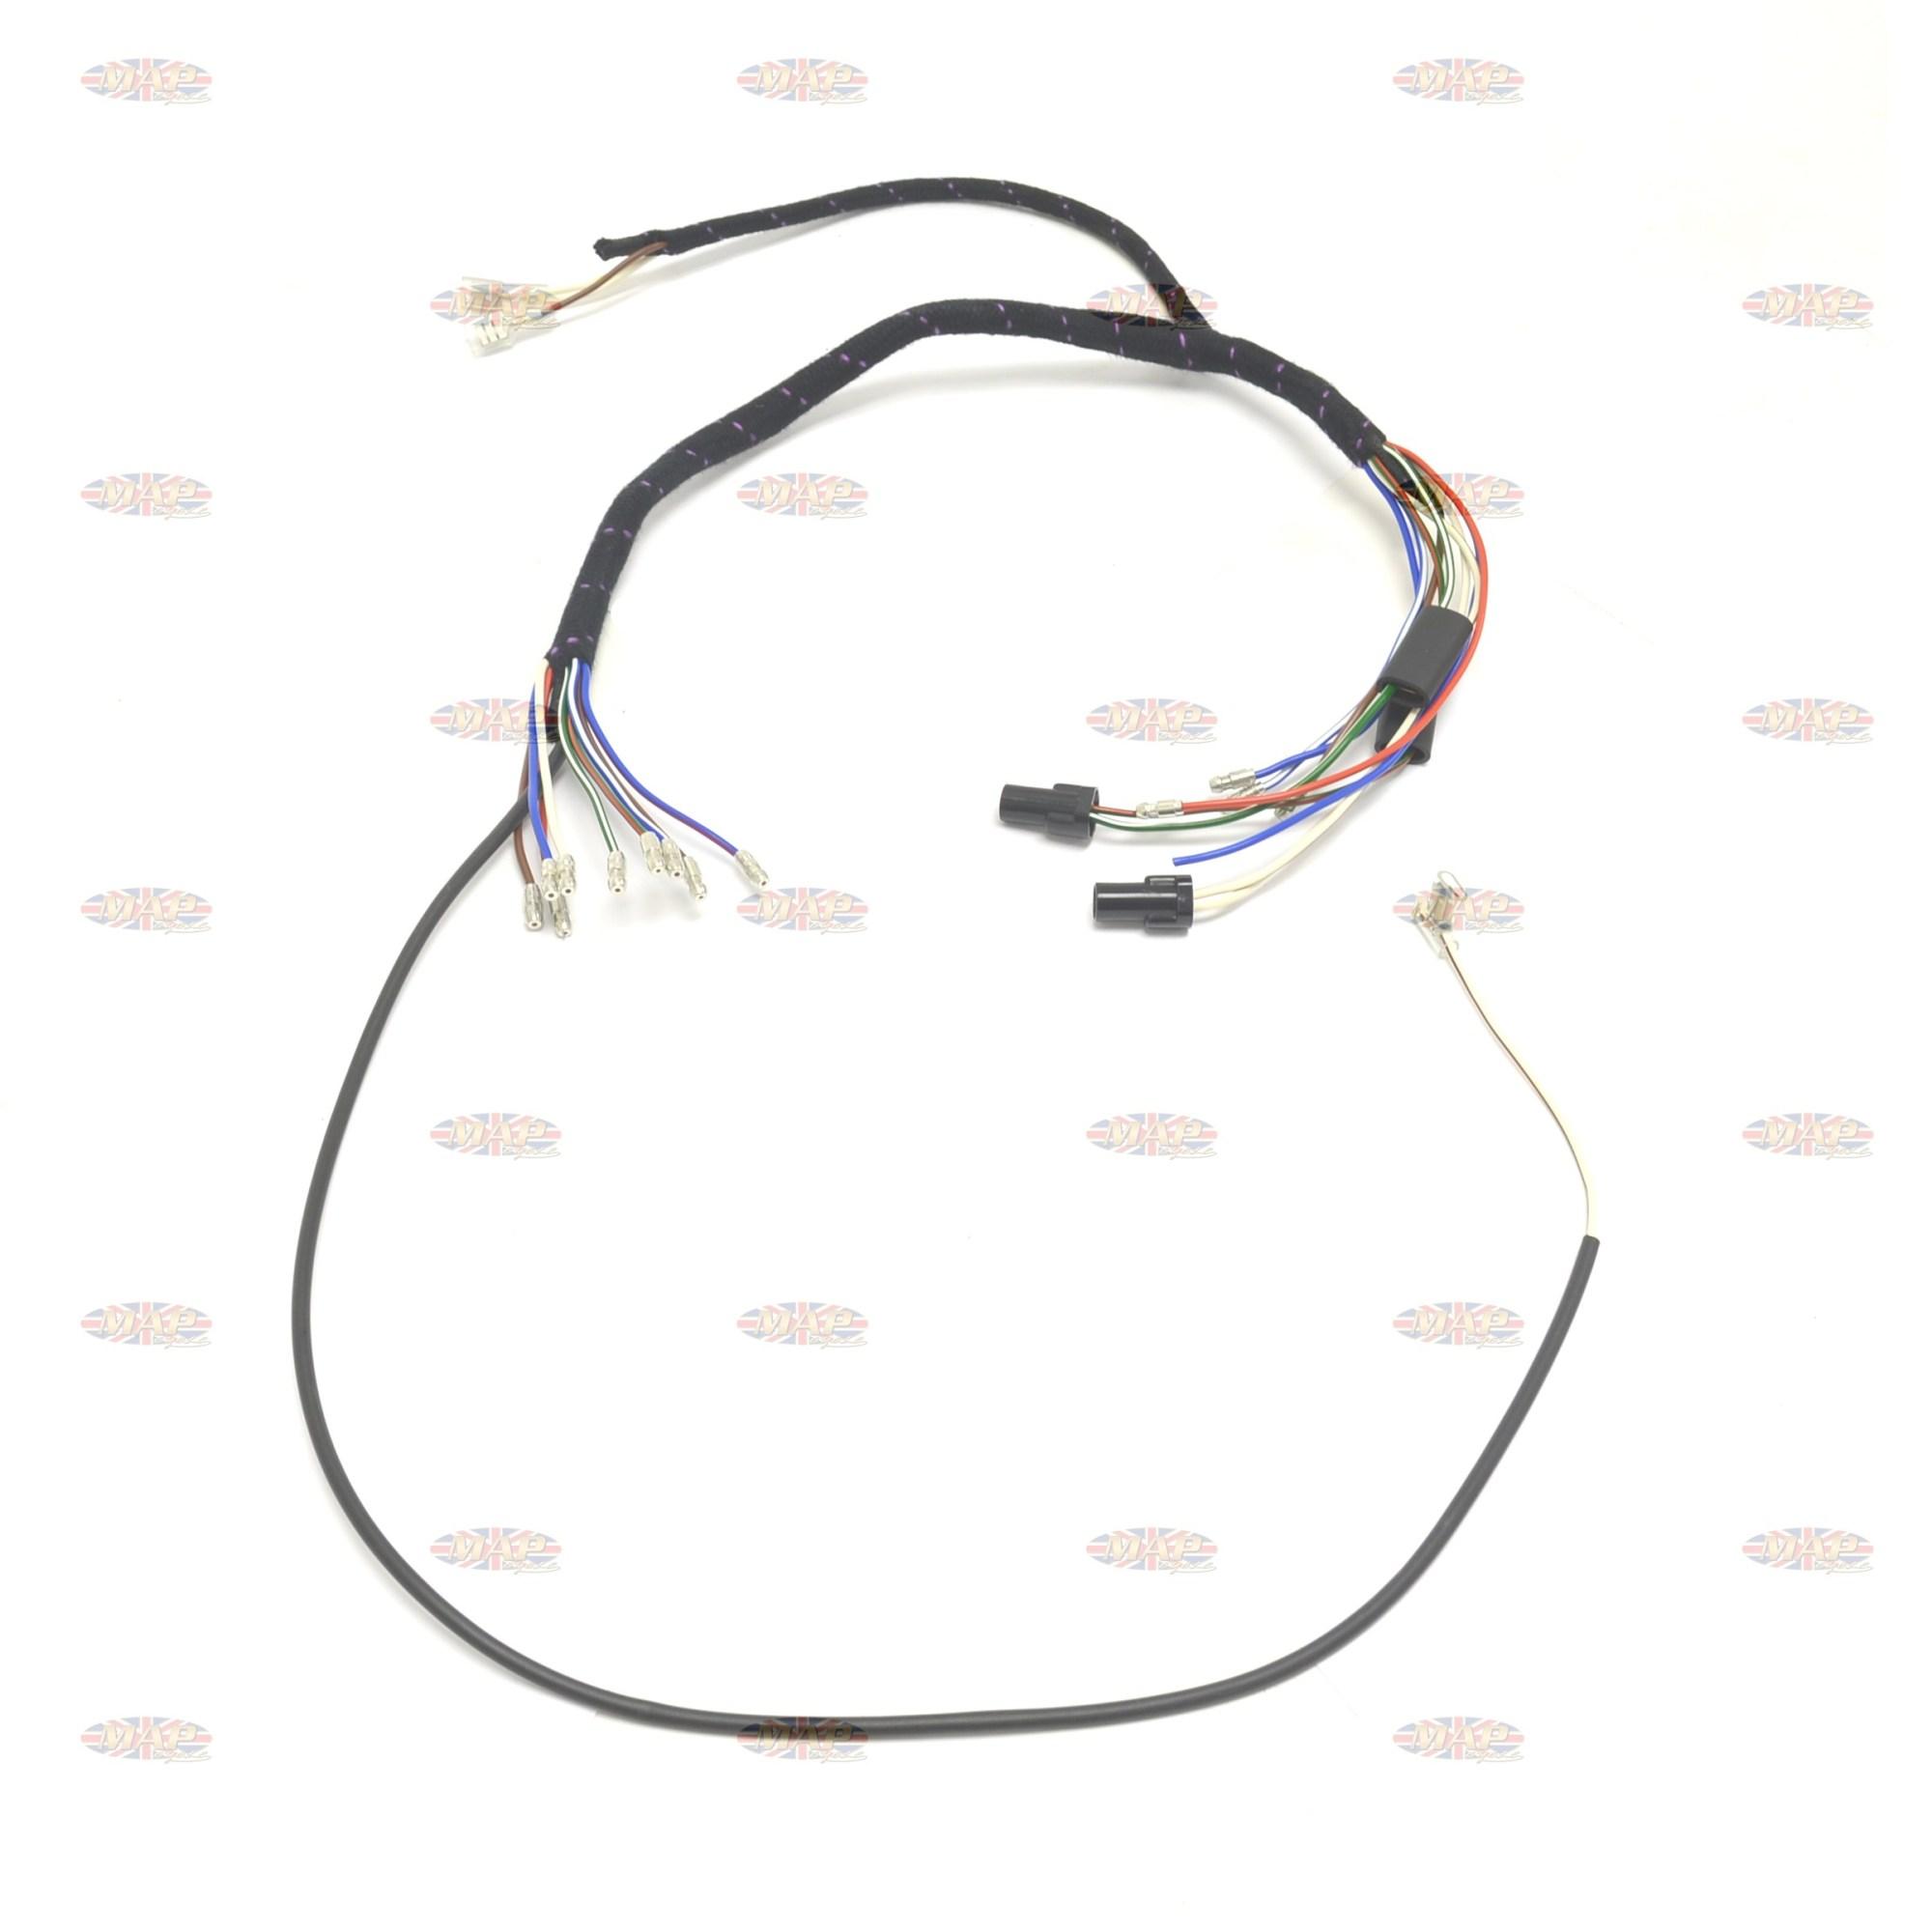 hight resolution of wiring diagram triumph spitfire mk 31974 triumph tr6 wiring schematics triumph spitfire wiring